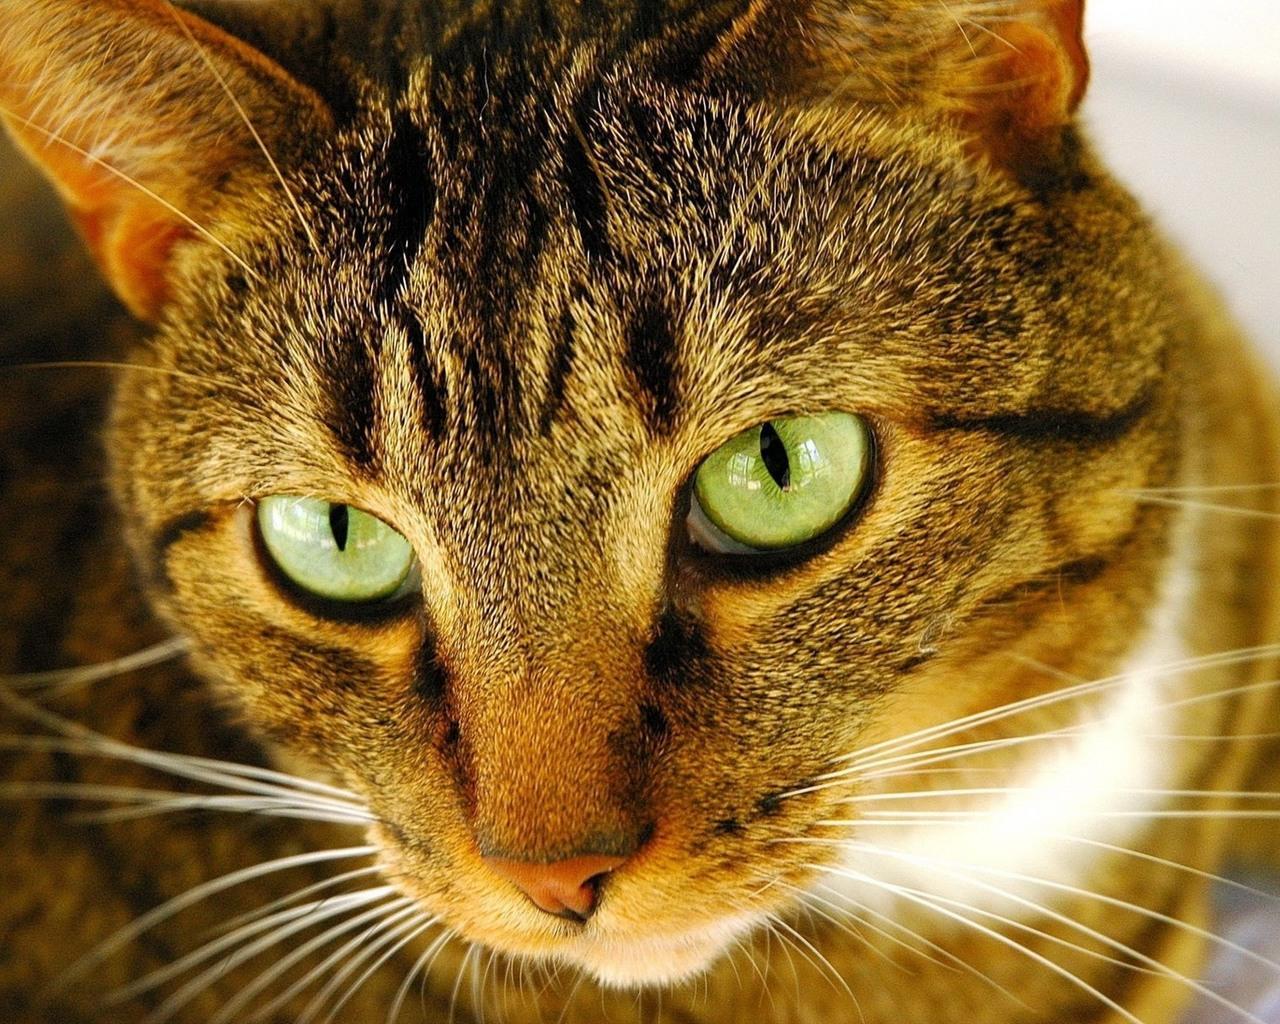 Полосатый кот с зелеными глазами, фото, обои